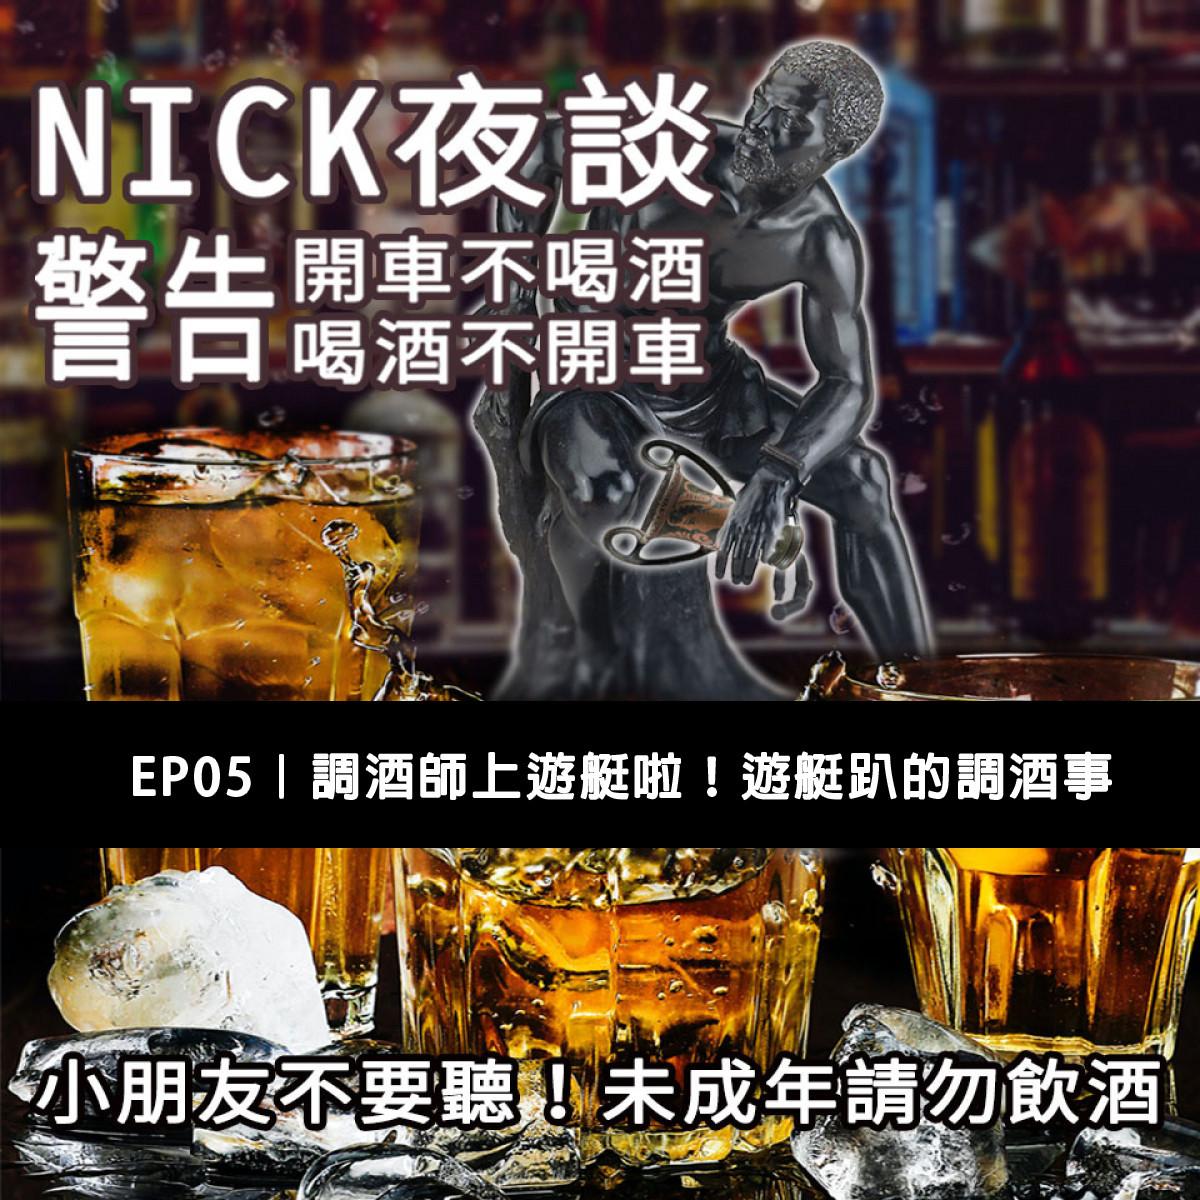 夜談第一季EP05|遊艇趴調酒經歷,船上調酒要注意的那些事!